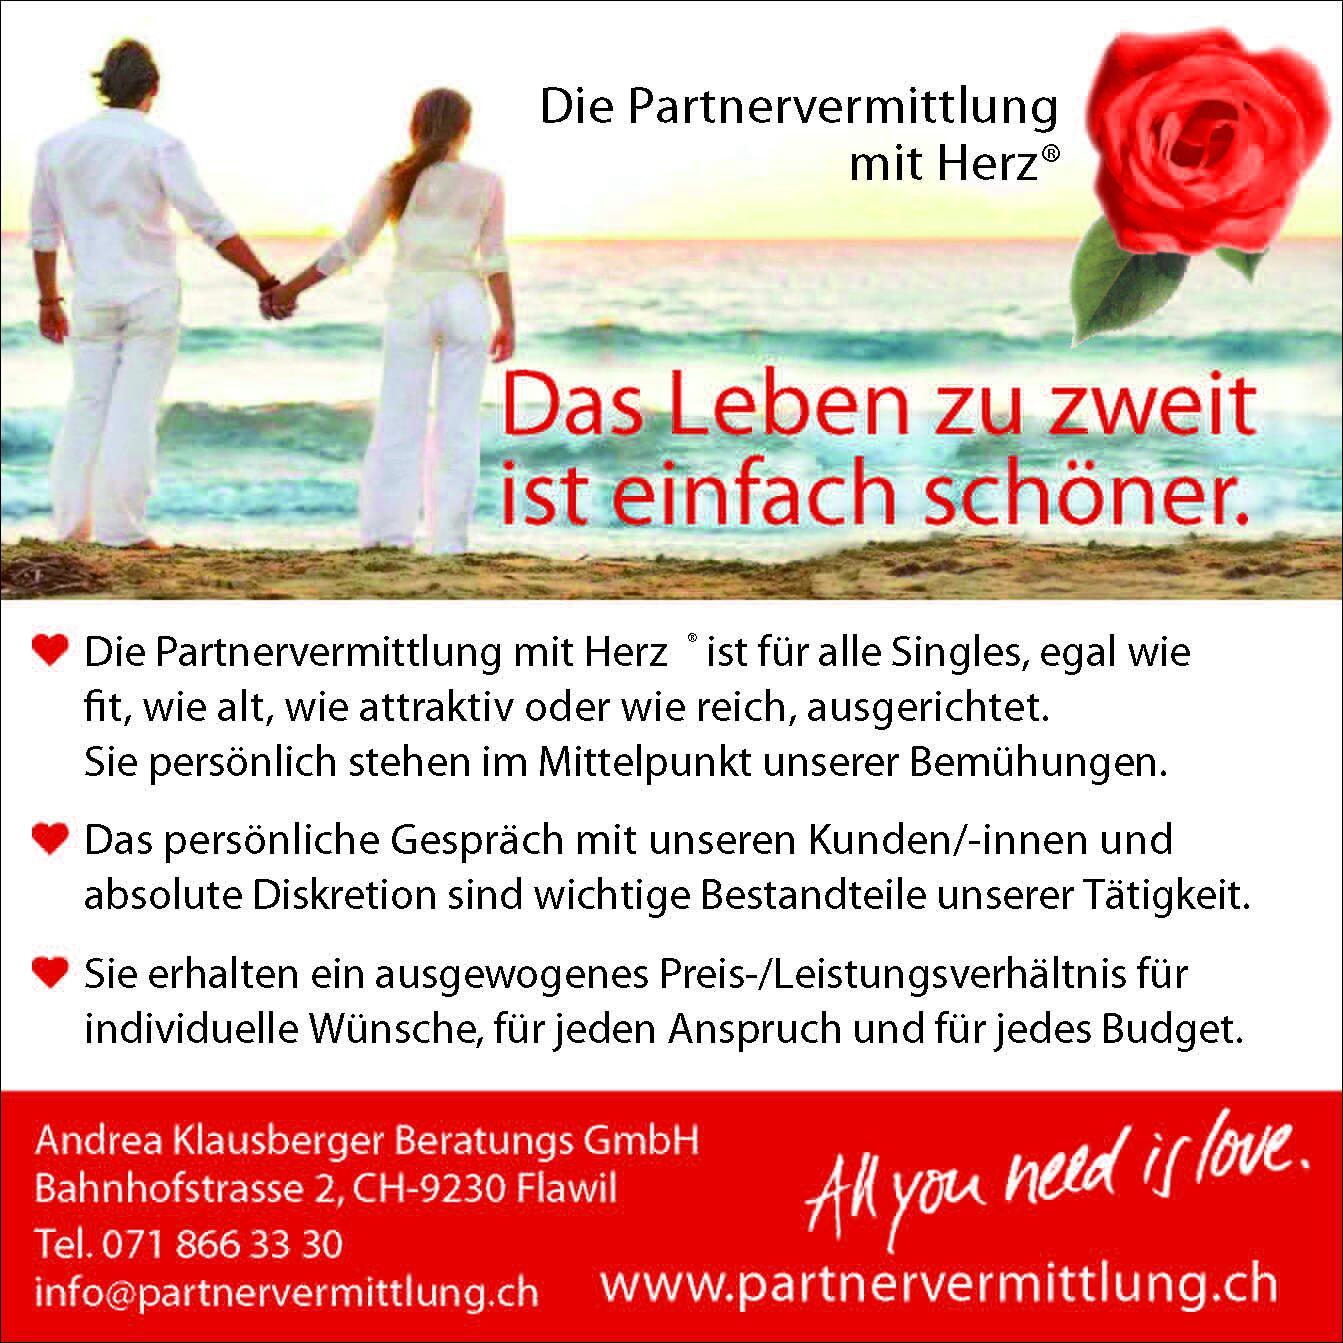 partnervermittlung mit herz)